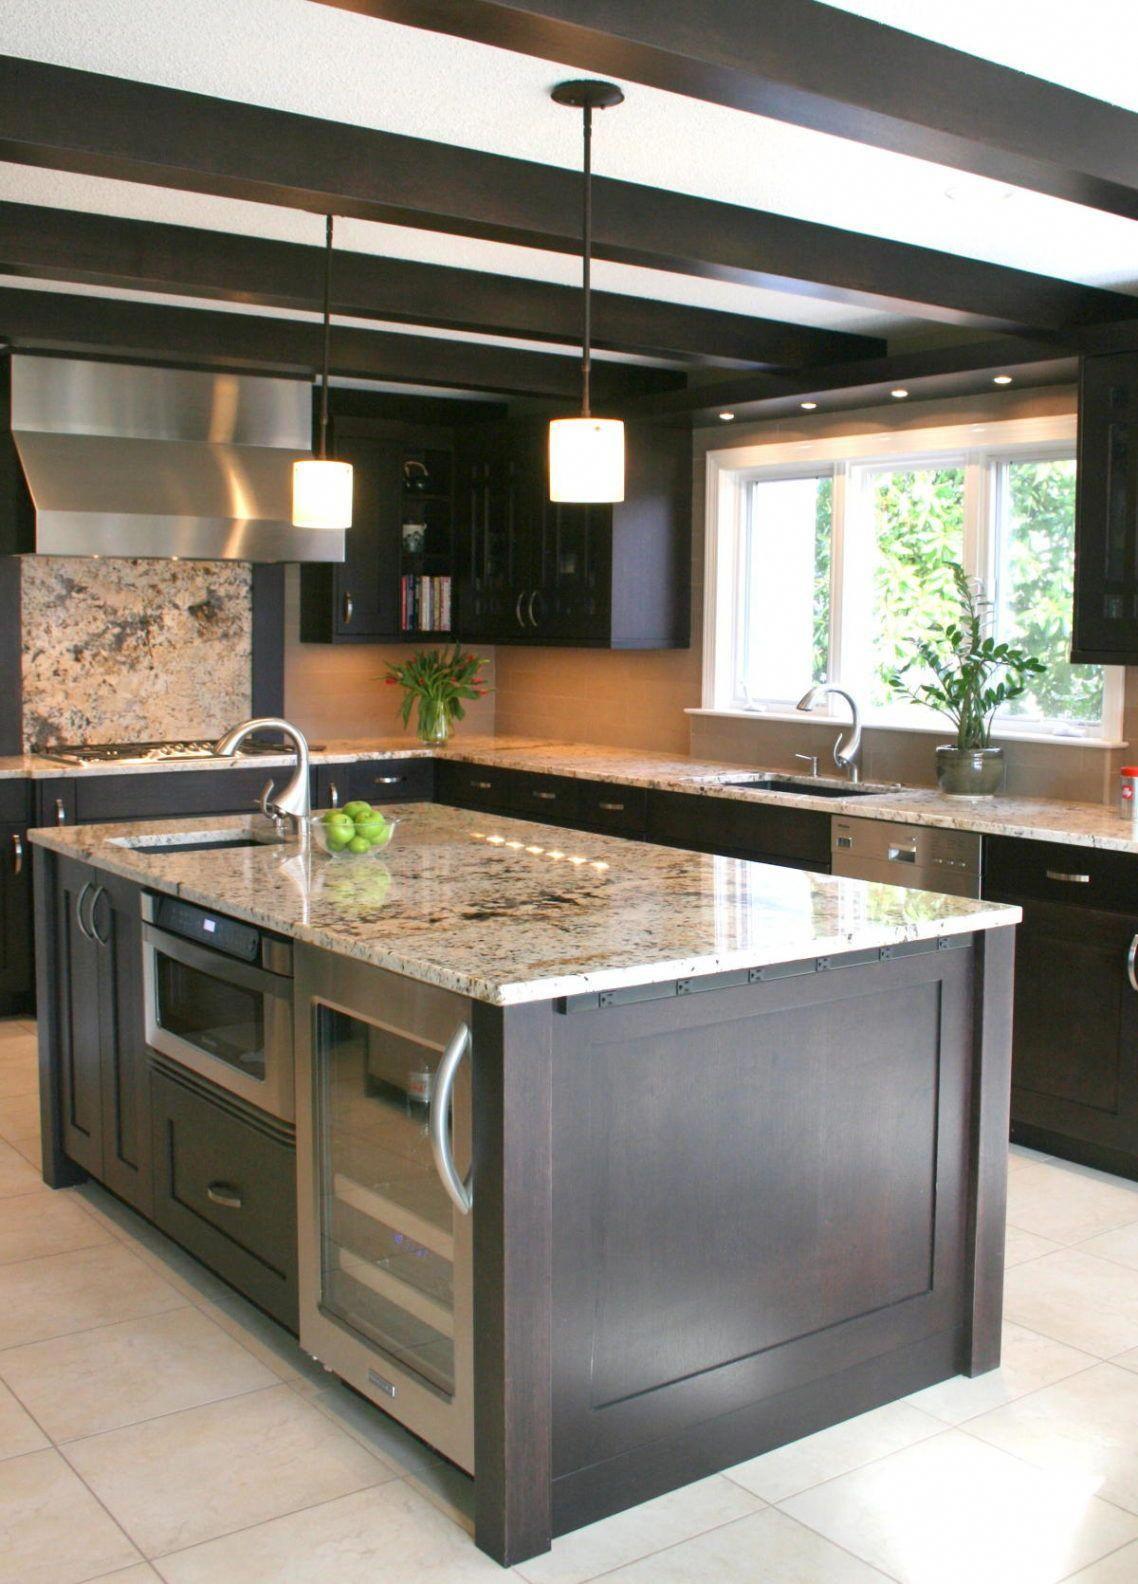 Image Result For Windows Under Kitchen Cabinets Outdoorkitchencabinetsdiy Kitchen Island Design Stylish Kitchen Island Rustic Kitchen Island